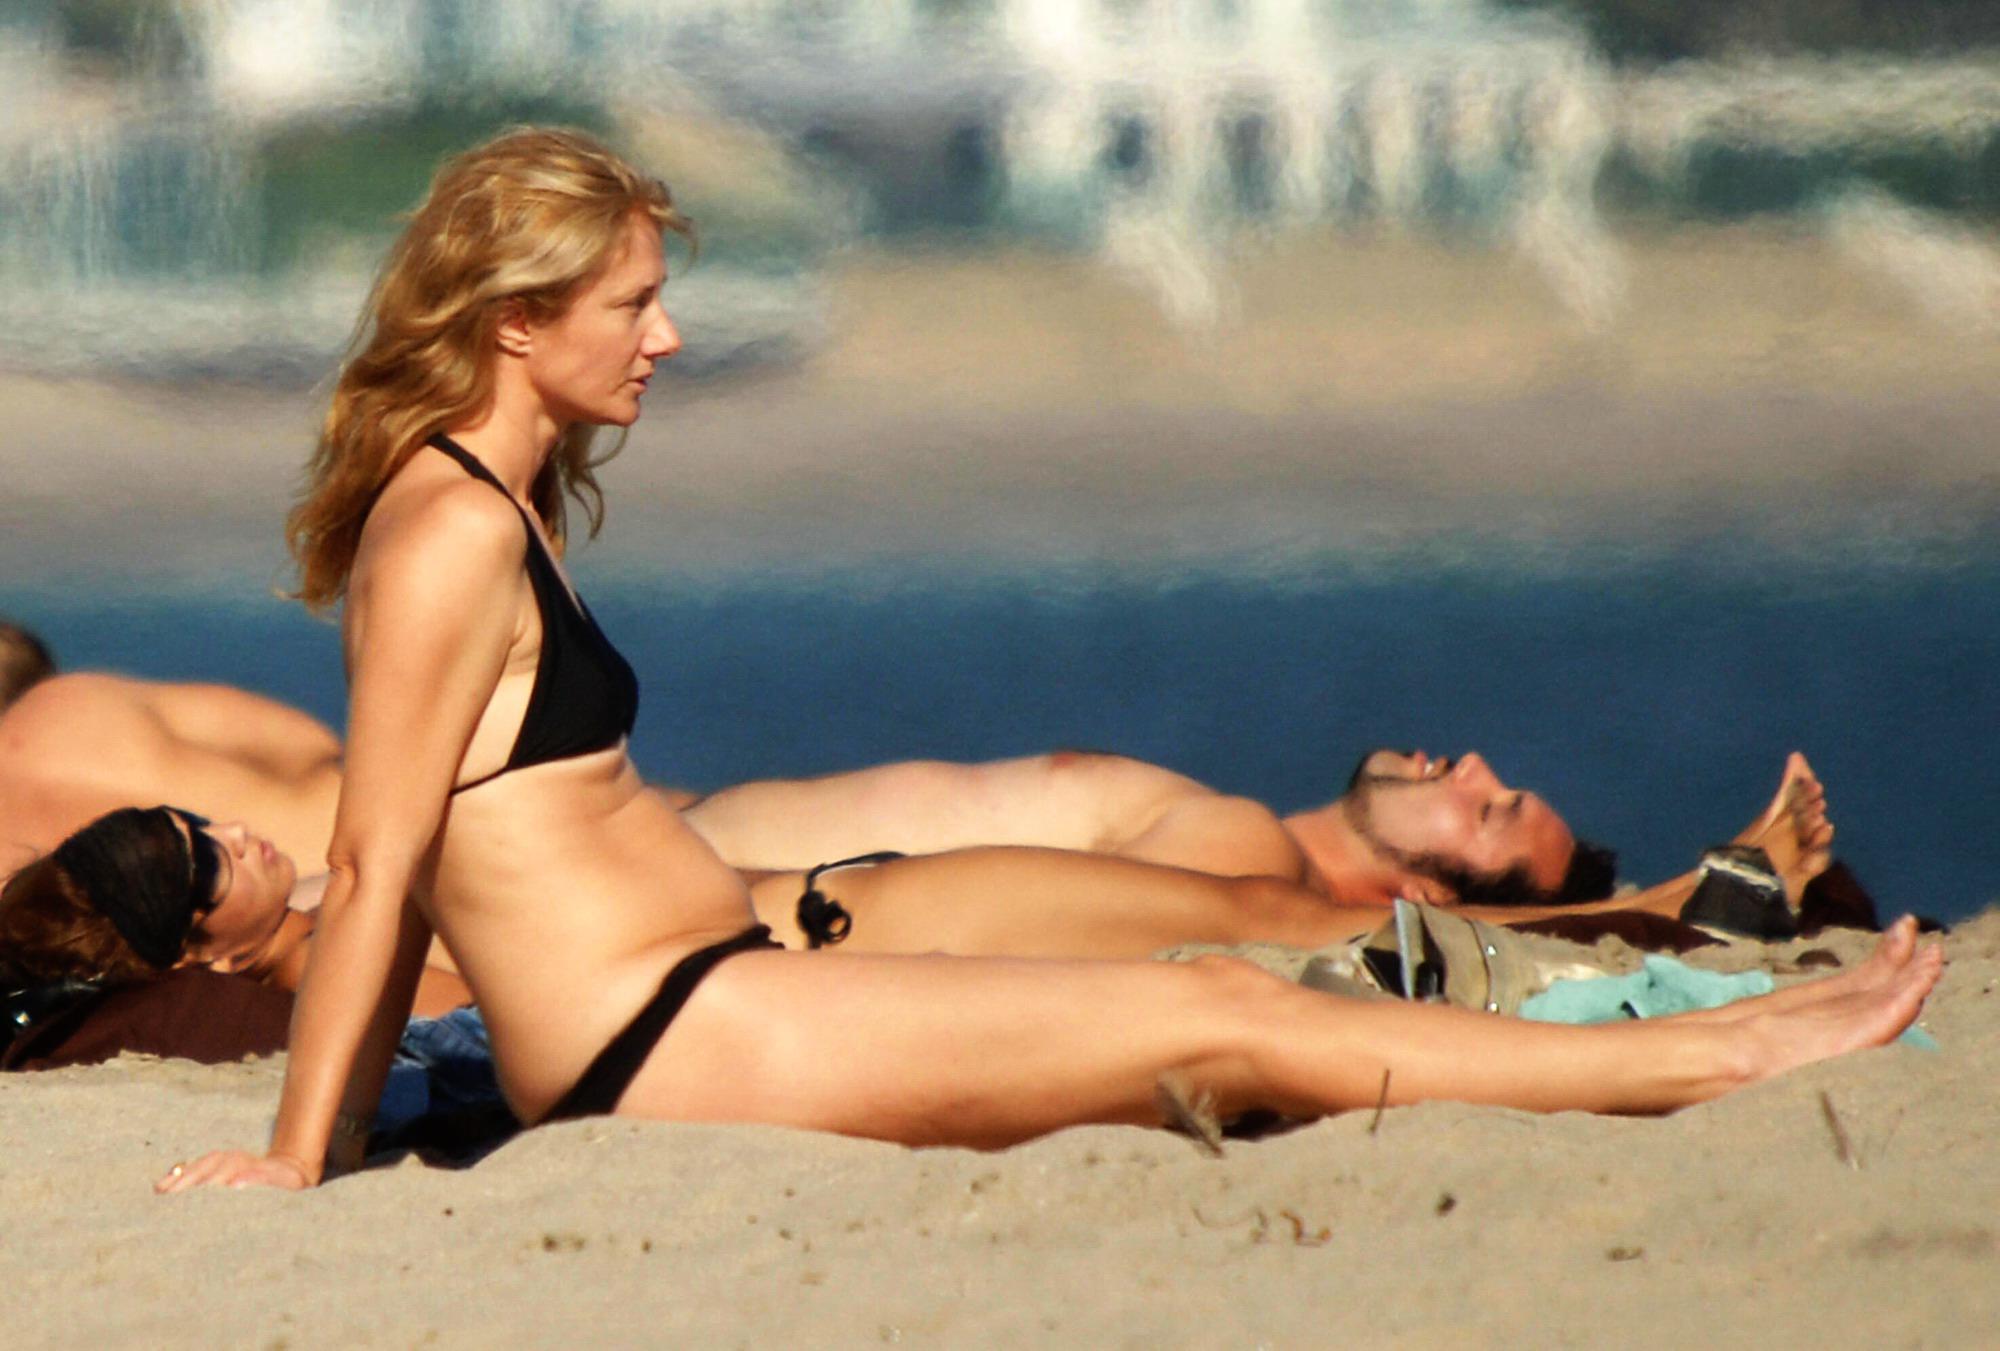 Thong bikini hot women